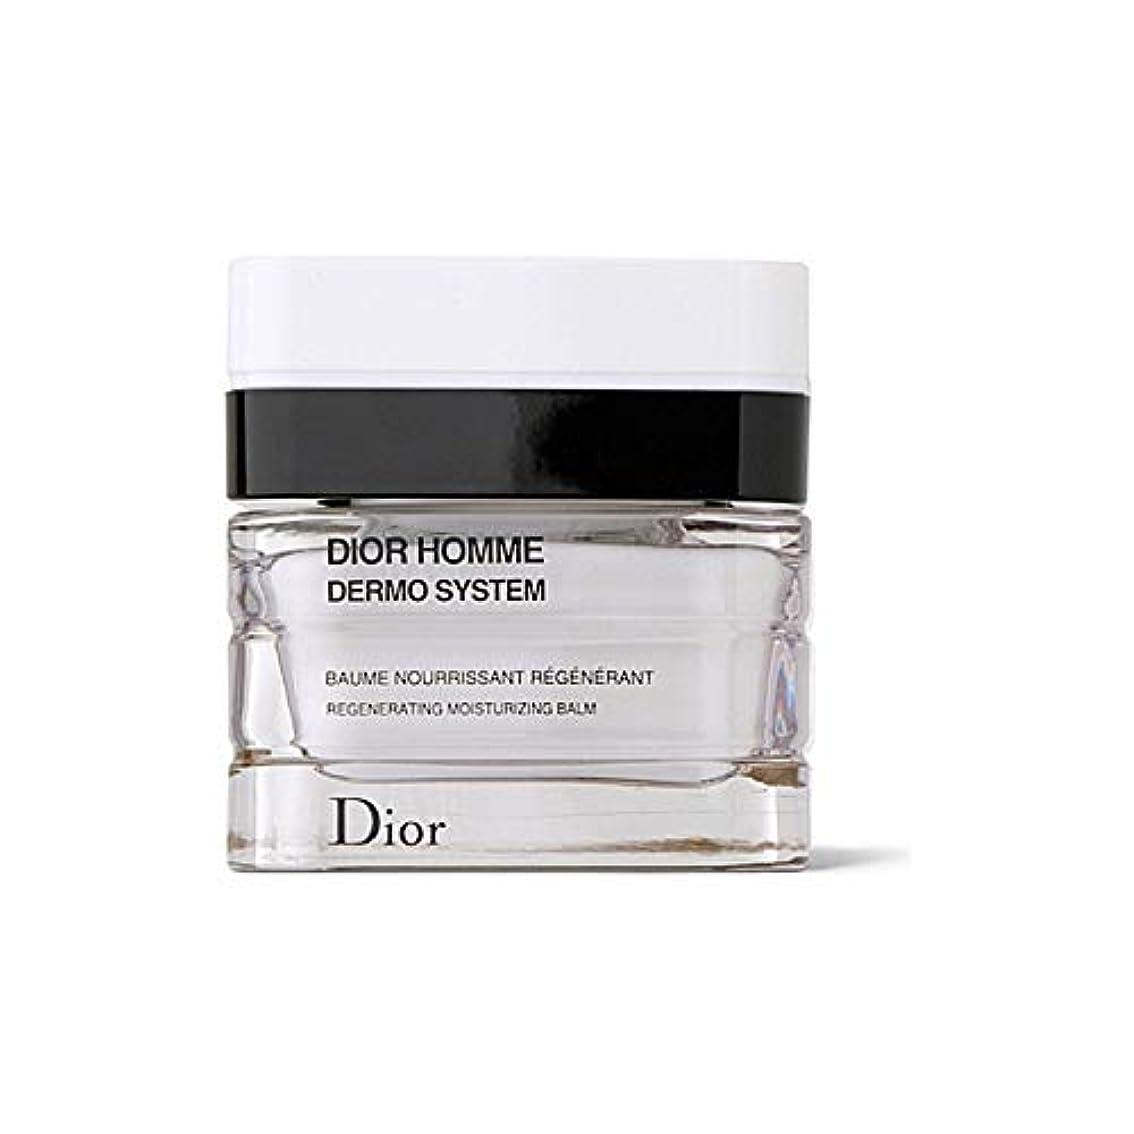 豪華なアパルやさしく[Dior ] 保湿クリームを再生ディオール、真皮システム - Dior Dermo System Regenerating Moisturising Balm [並行輸入品]